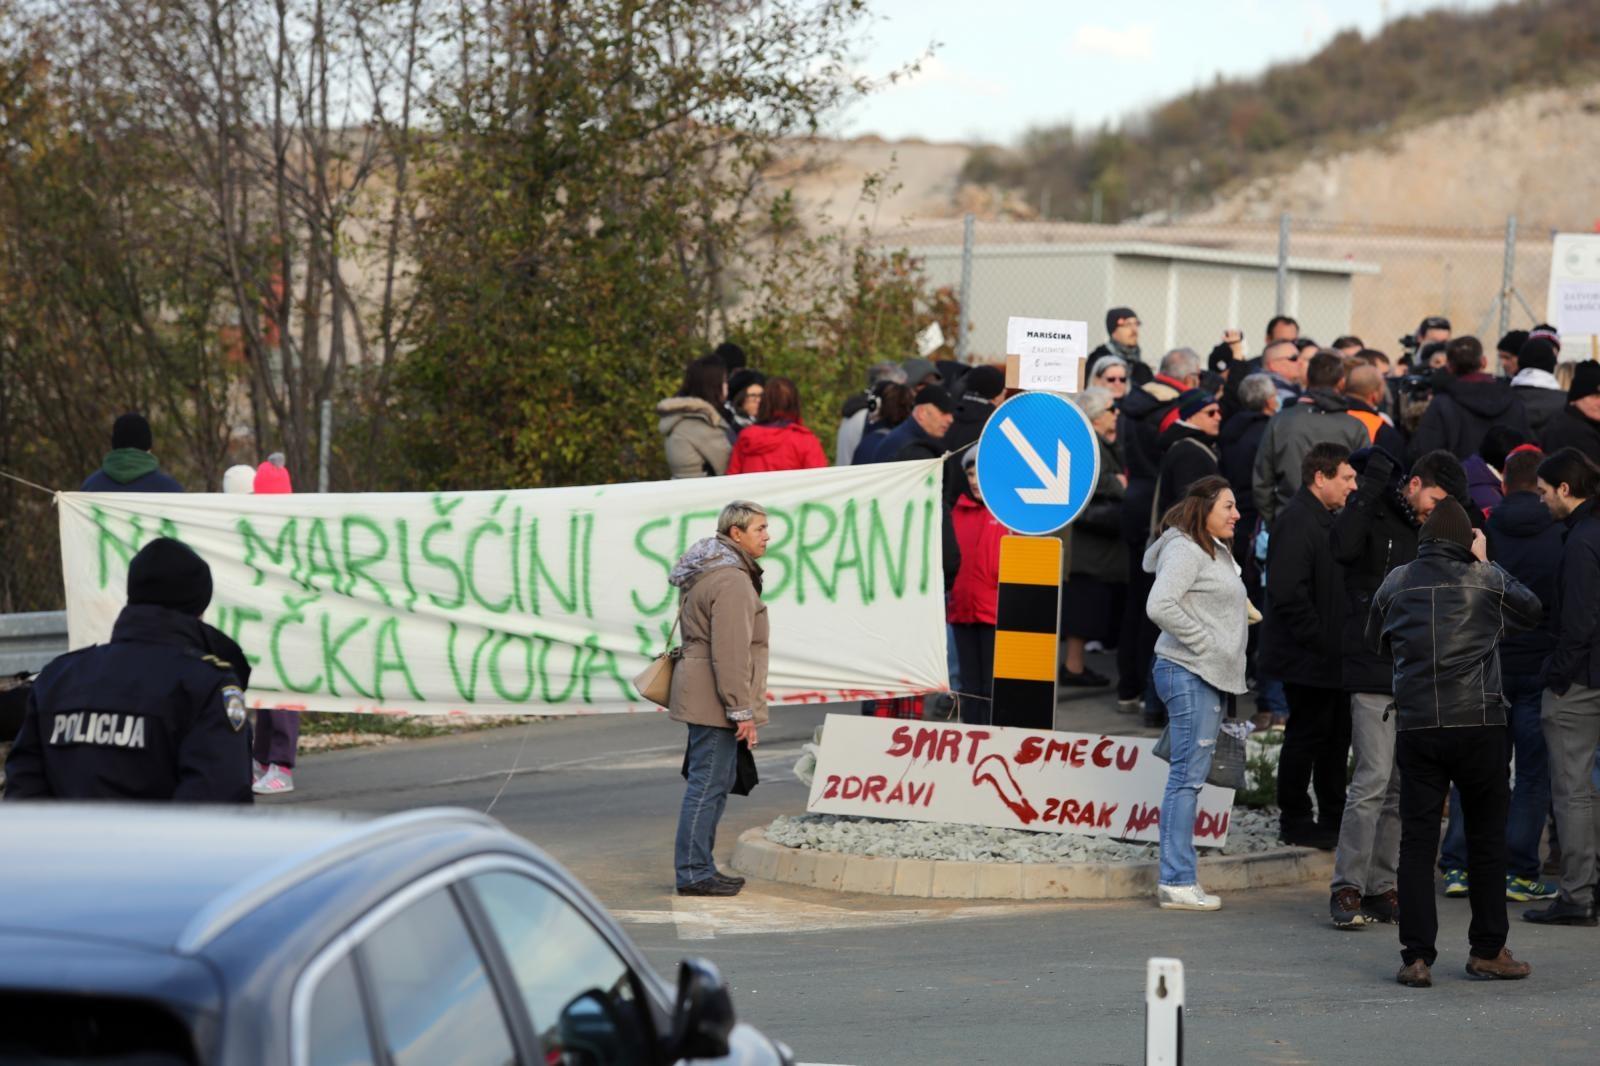 Mještani općine Viškovo blokirali ulaze u ŽCGO Marišćina